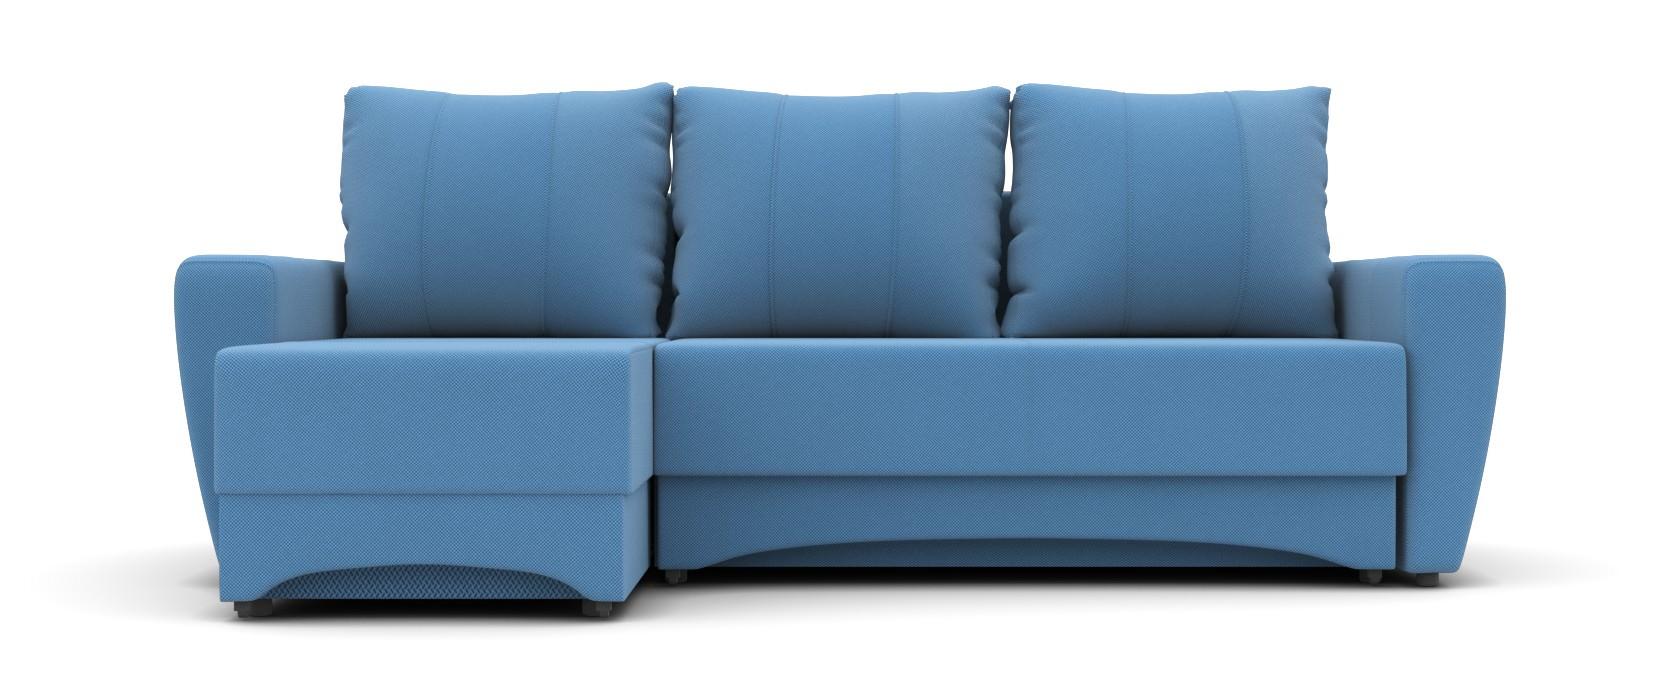 Угловой диван Andrea - Pufetto